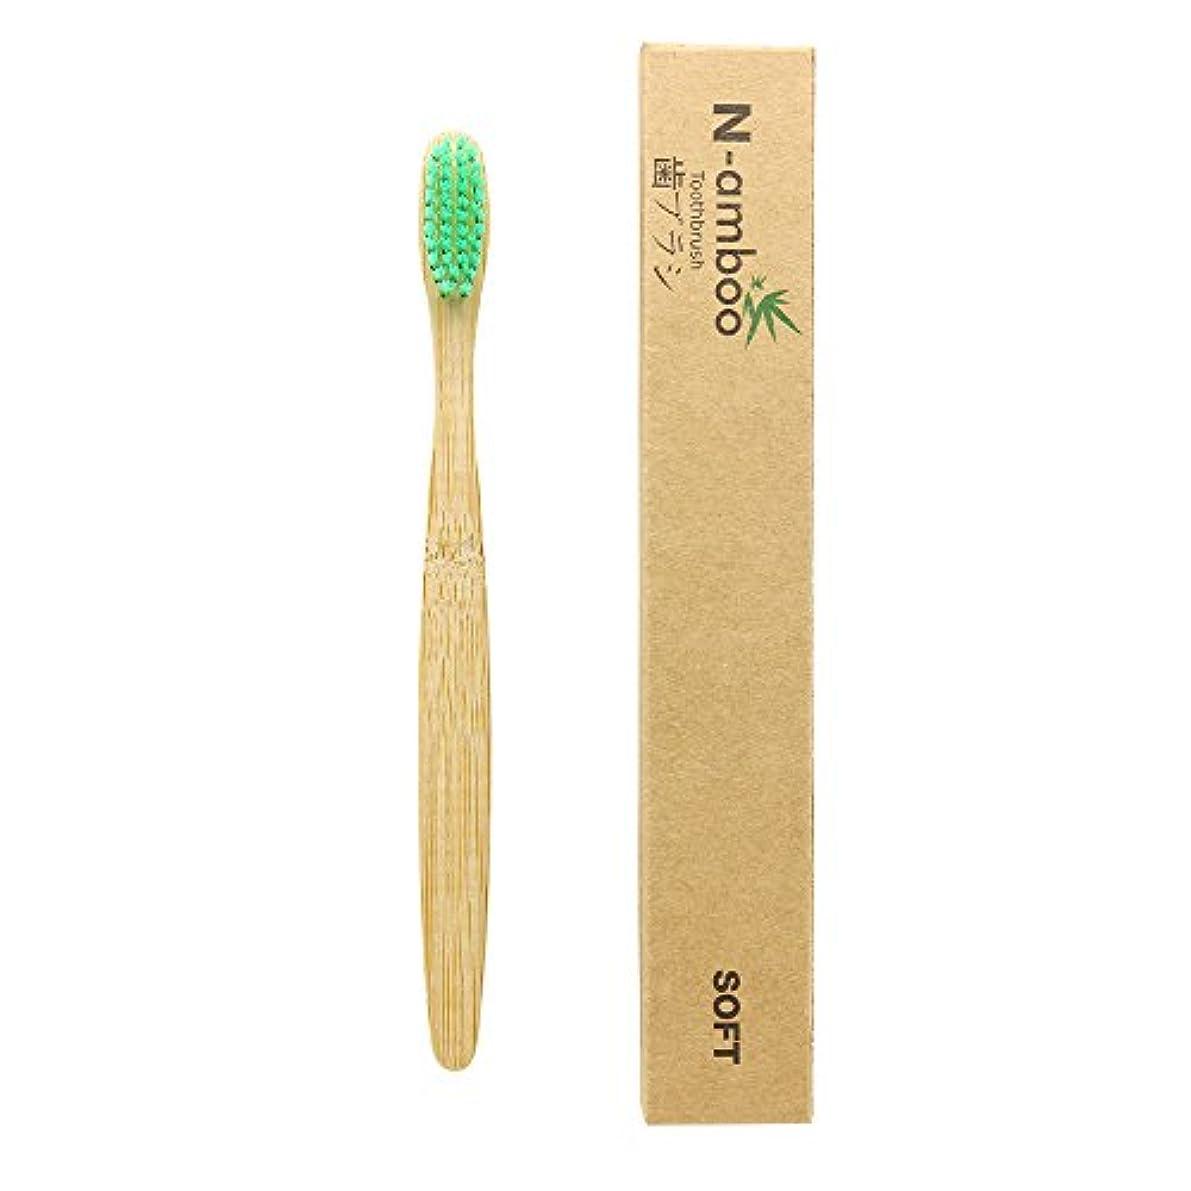 メディック気難しいリングN-amboo 歯ブラシ 1本入り 竹製 高耐久性 緑 エコ